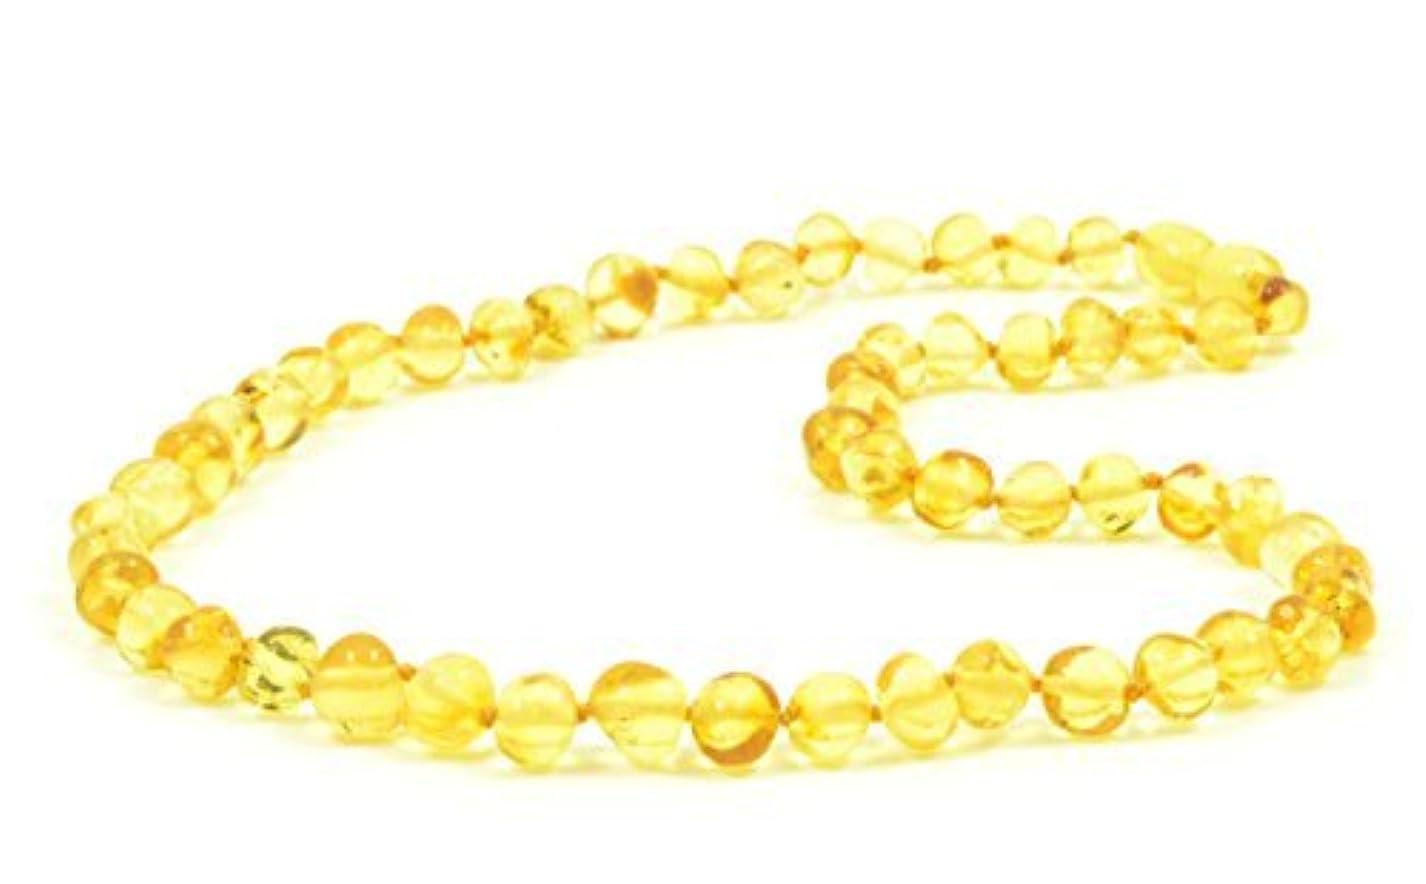 海岸バランスバナナBaltic amberネックレス大人用?–?18?–?21.6インチ?–?amberjewelry?–?MadeからAuthentic Baltic Amberビーズ?–?レモン色 21.6 inch